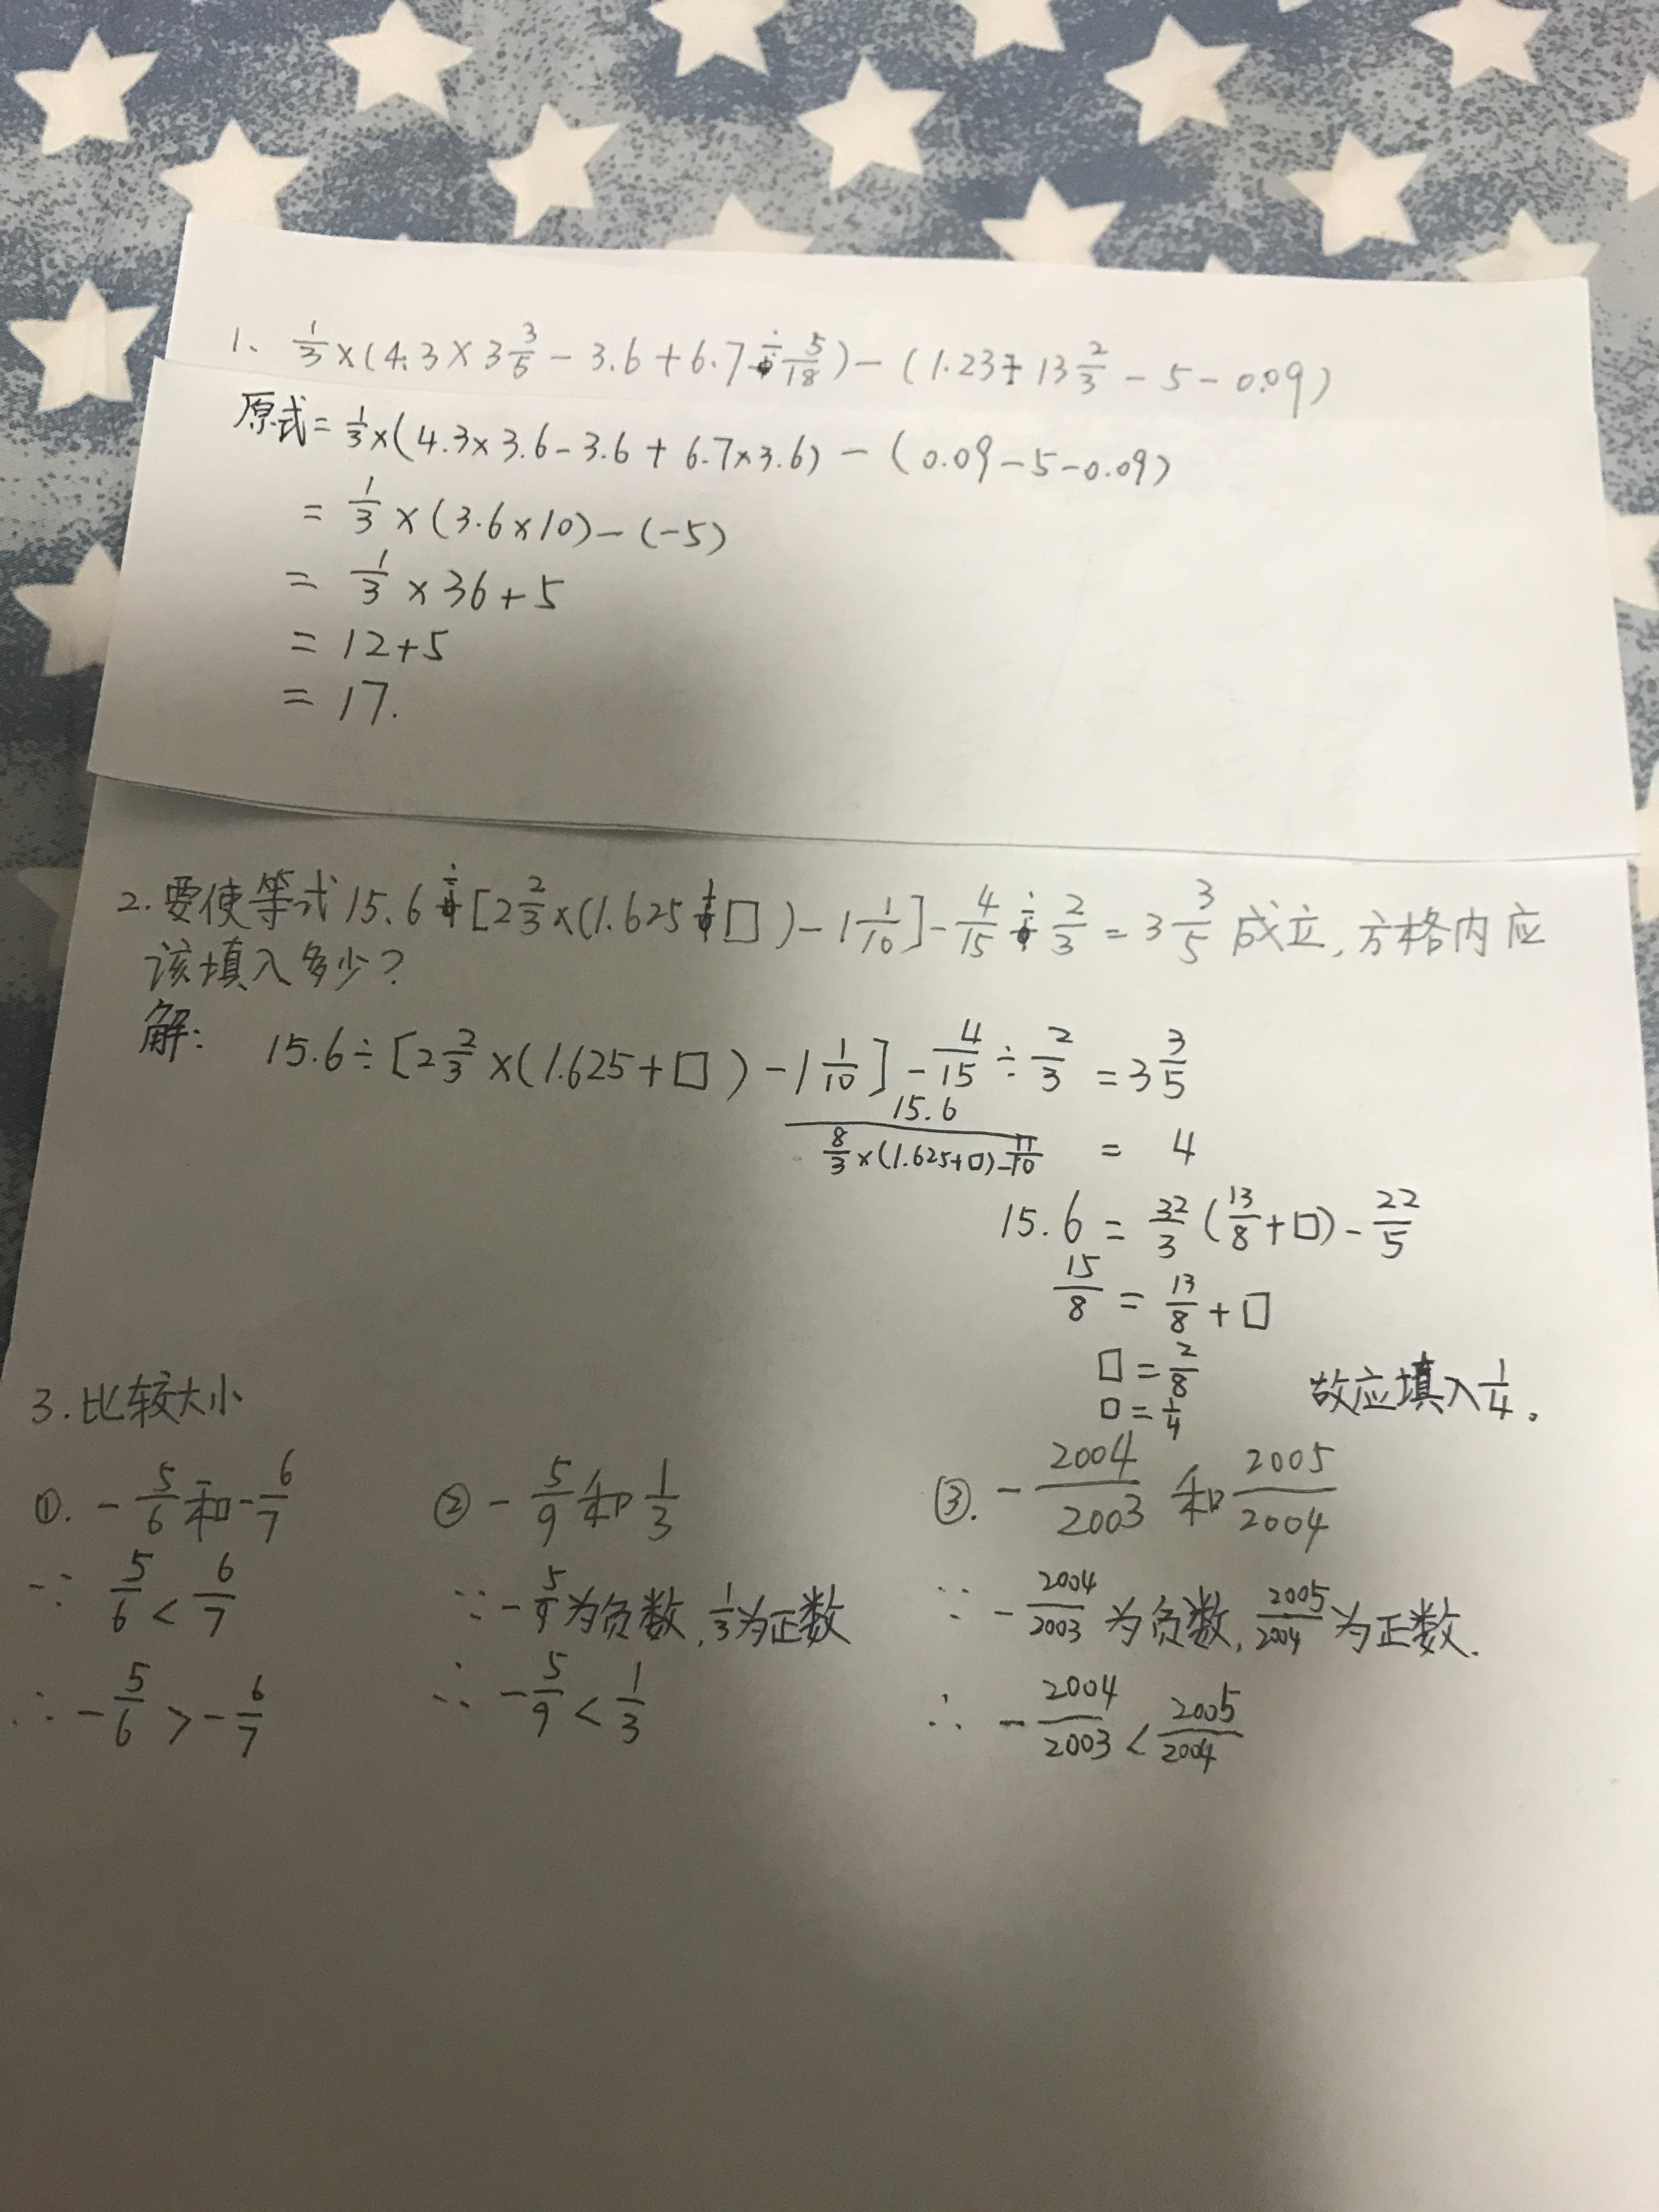 31C7FBE2-285F-4B91-B128-1A6EC74E6B35.jpg